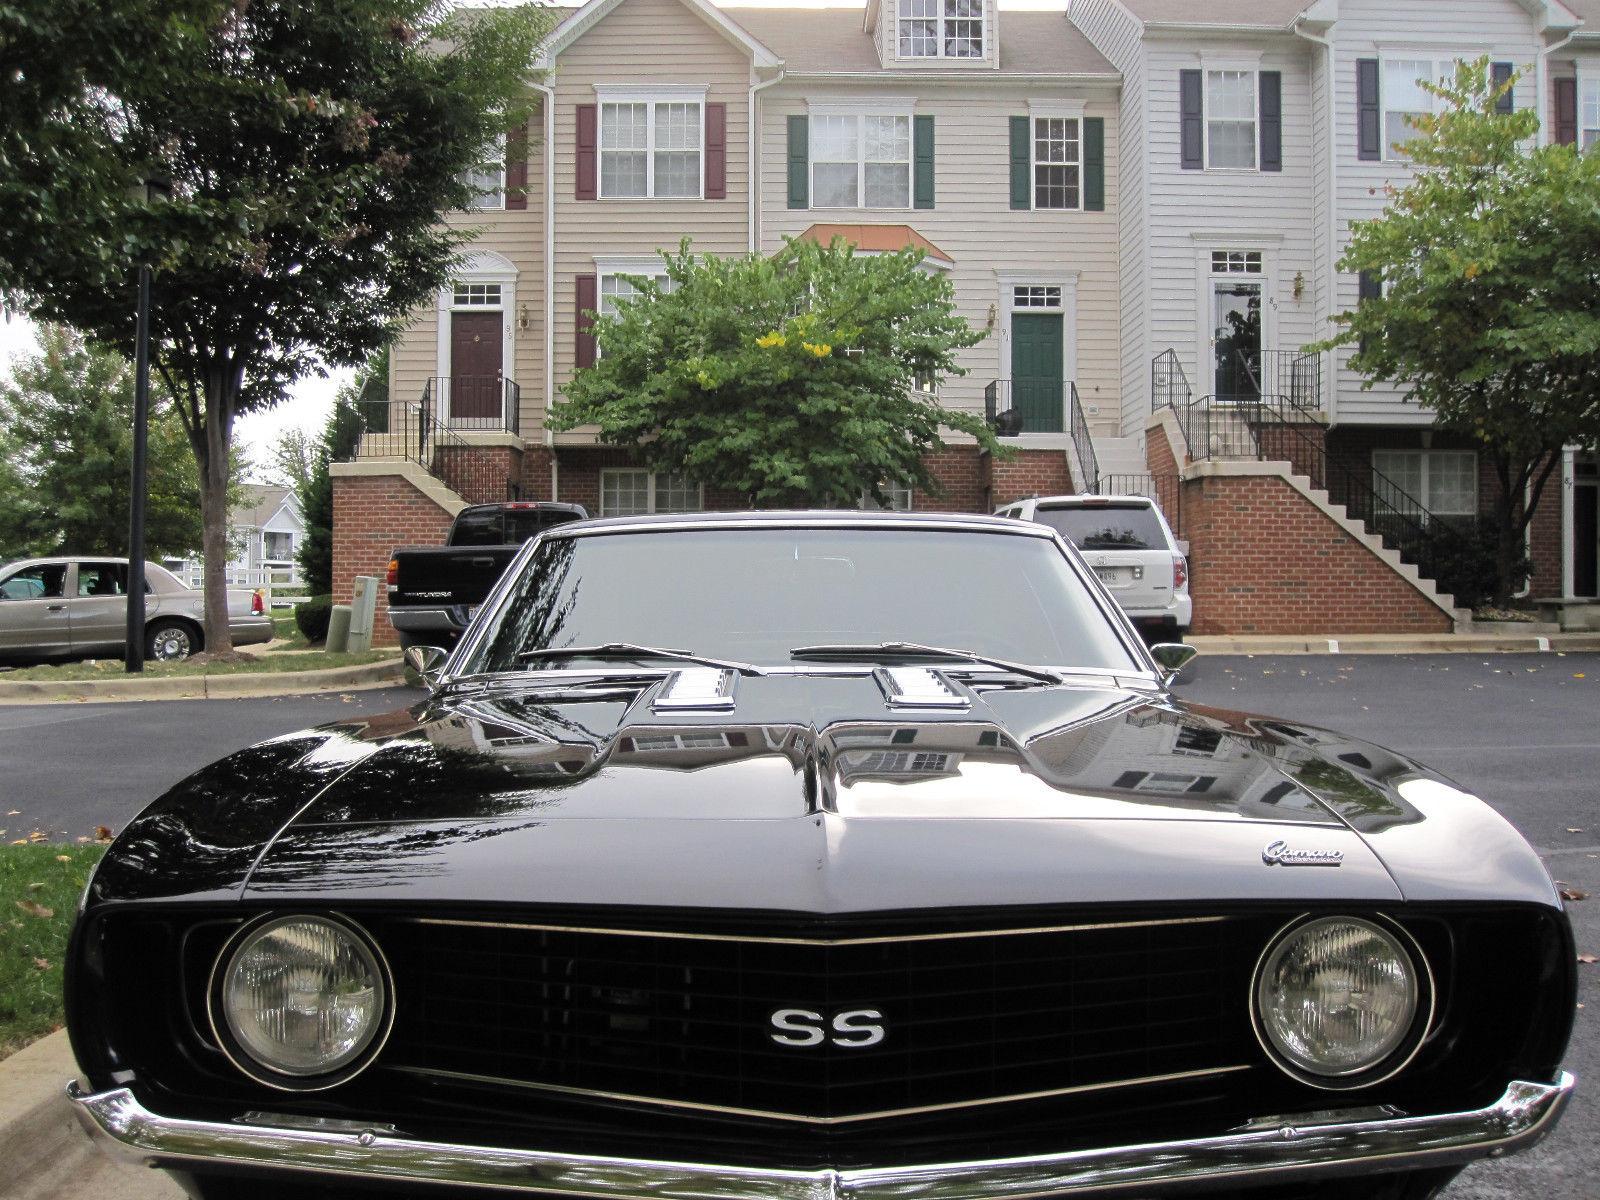 1969 Chevy Pro Touring Camaro SS - X11 Code1